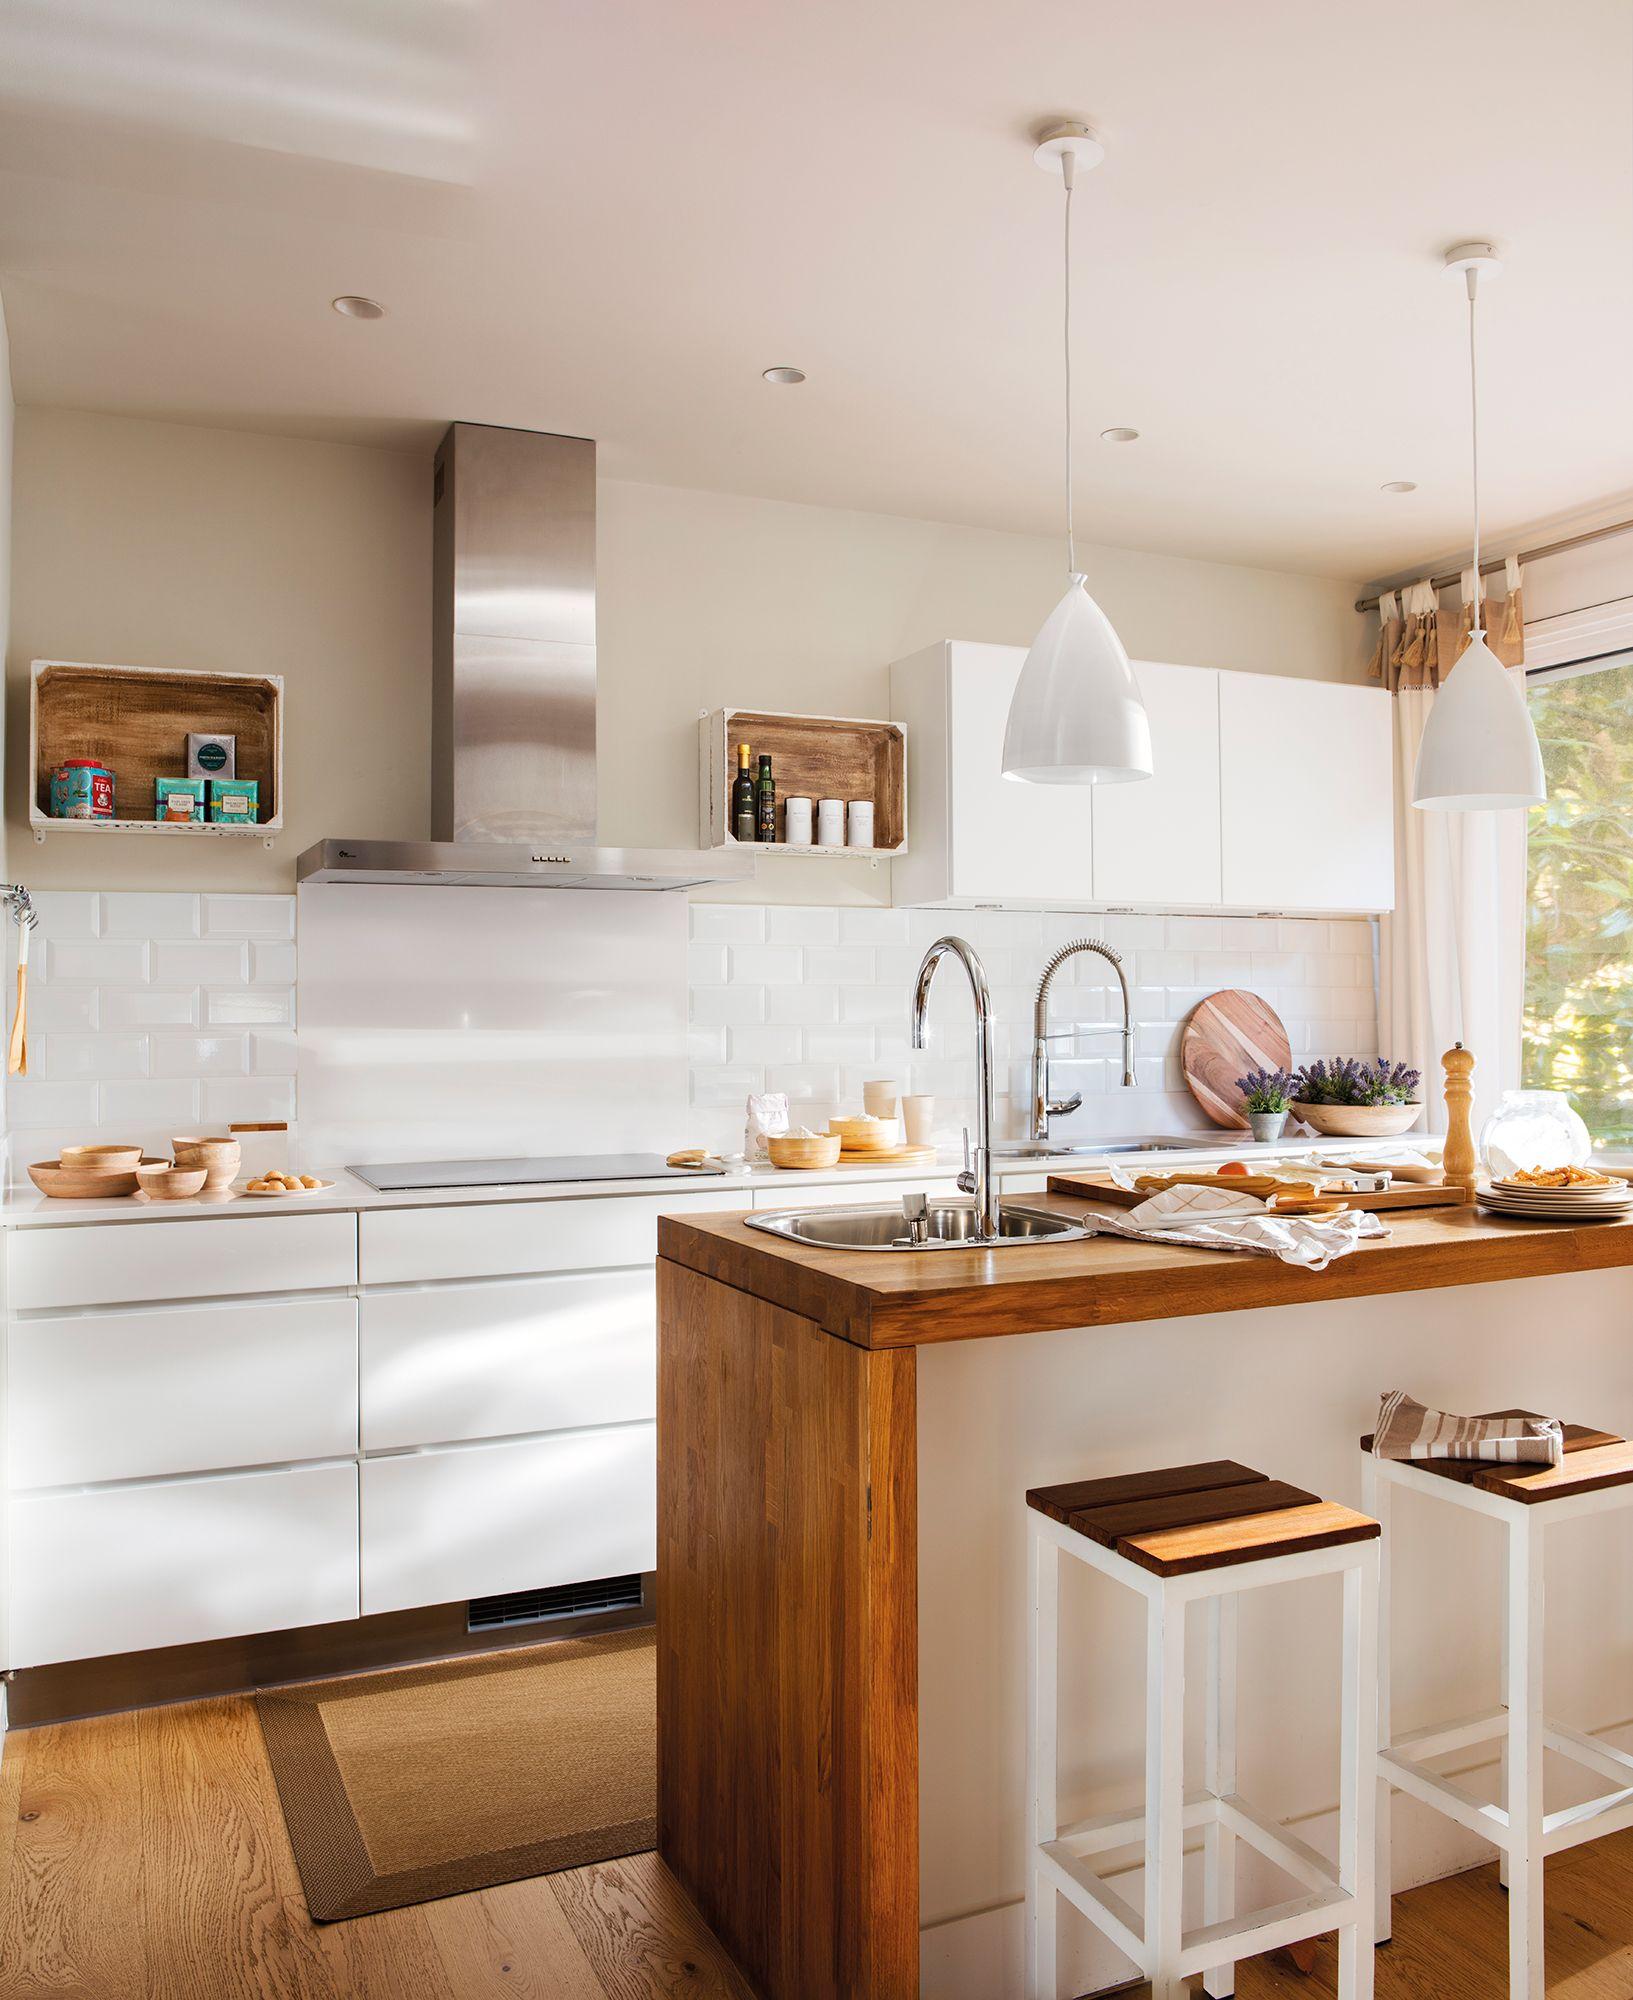 Cocina con muebles en blanco e isla central_ 00446978 | Ideas para ...